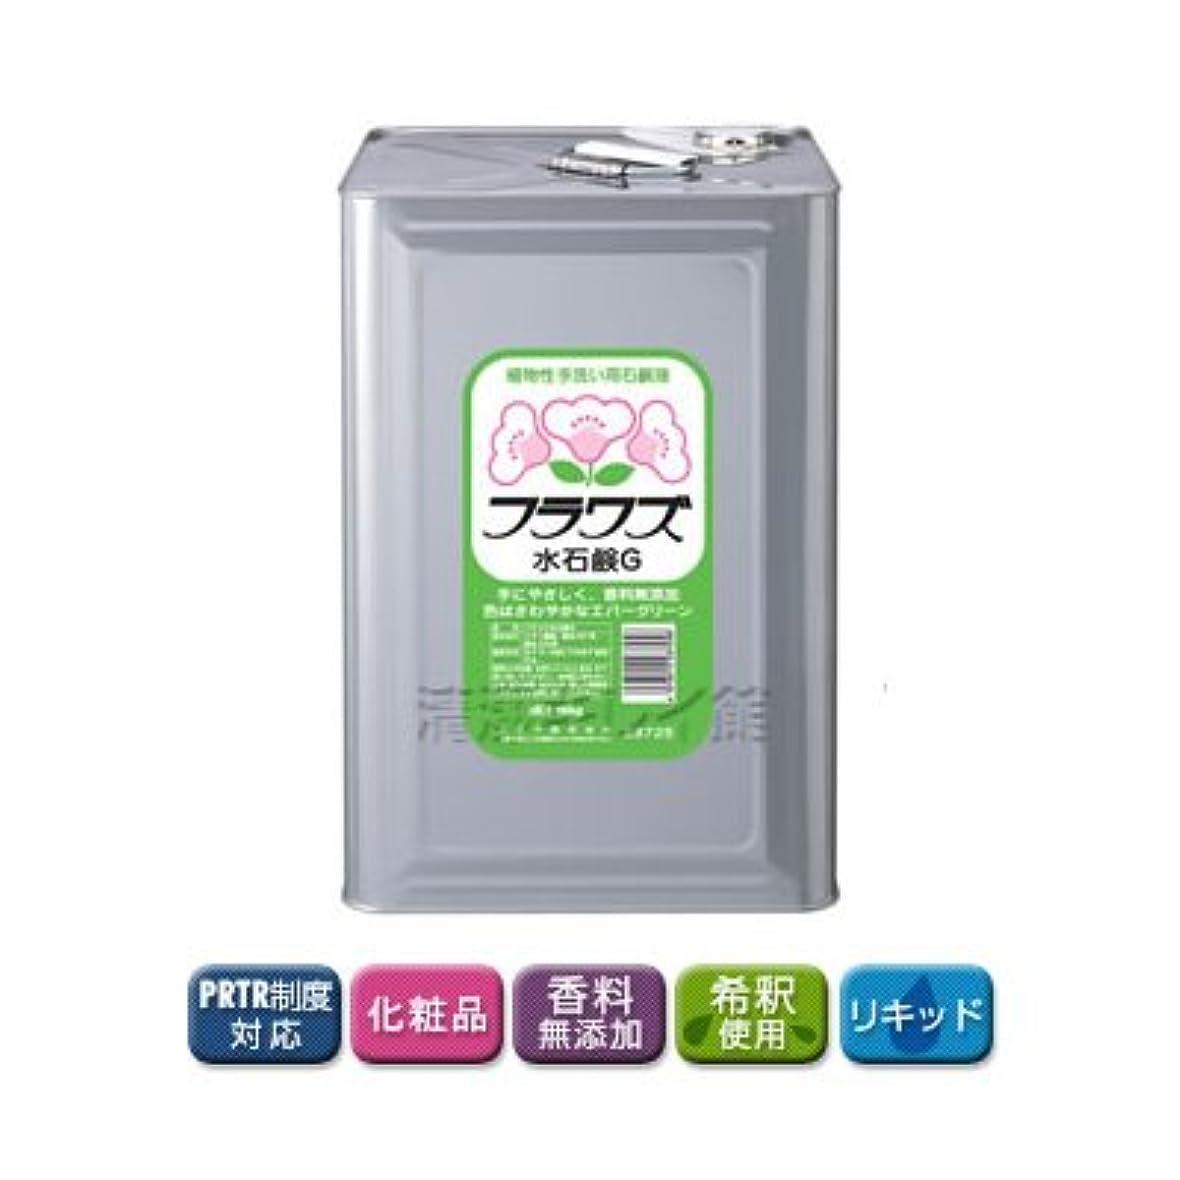 因子長さ観察【清潔キレイ館】サラヤ フラワズ水石鹸液G(18L)